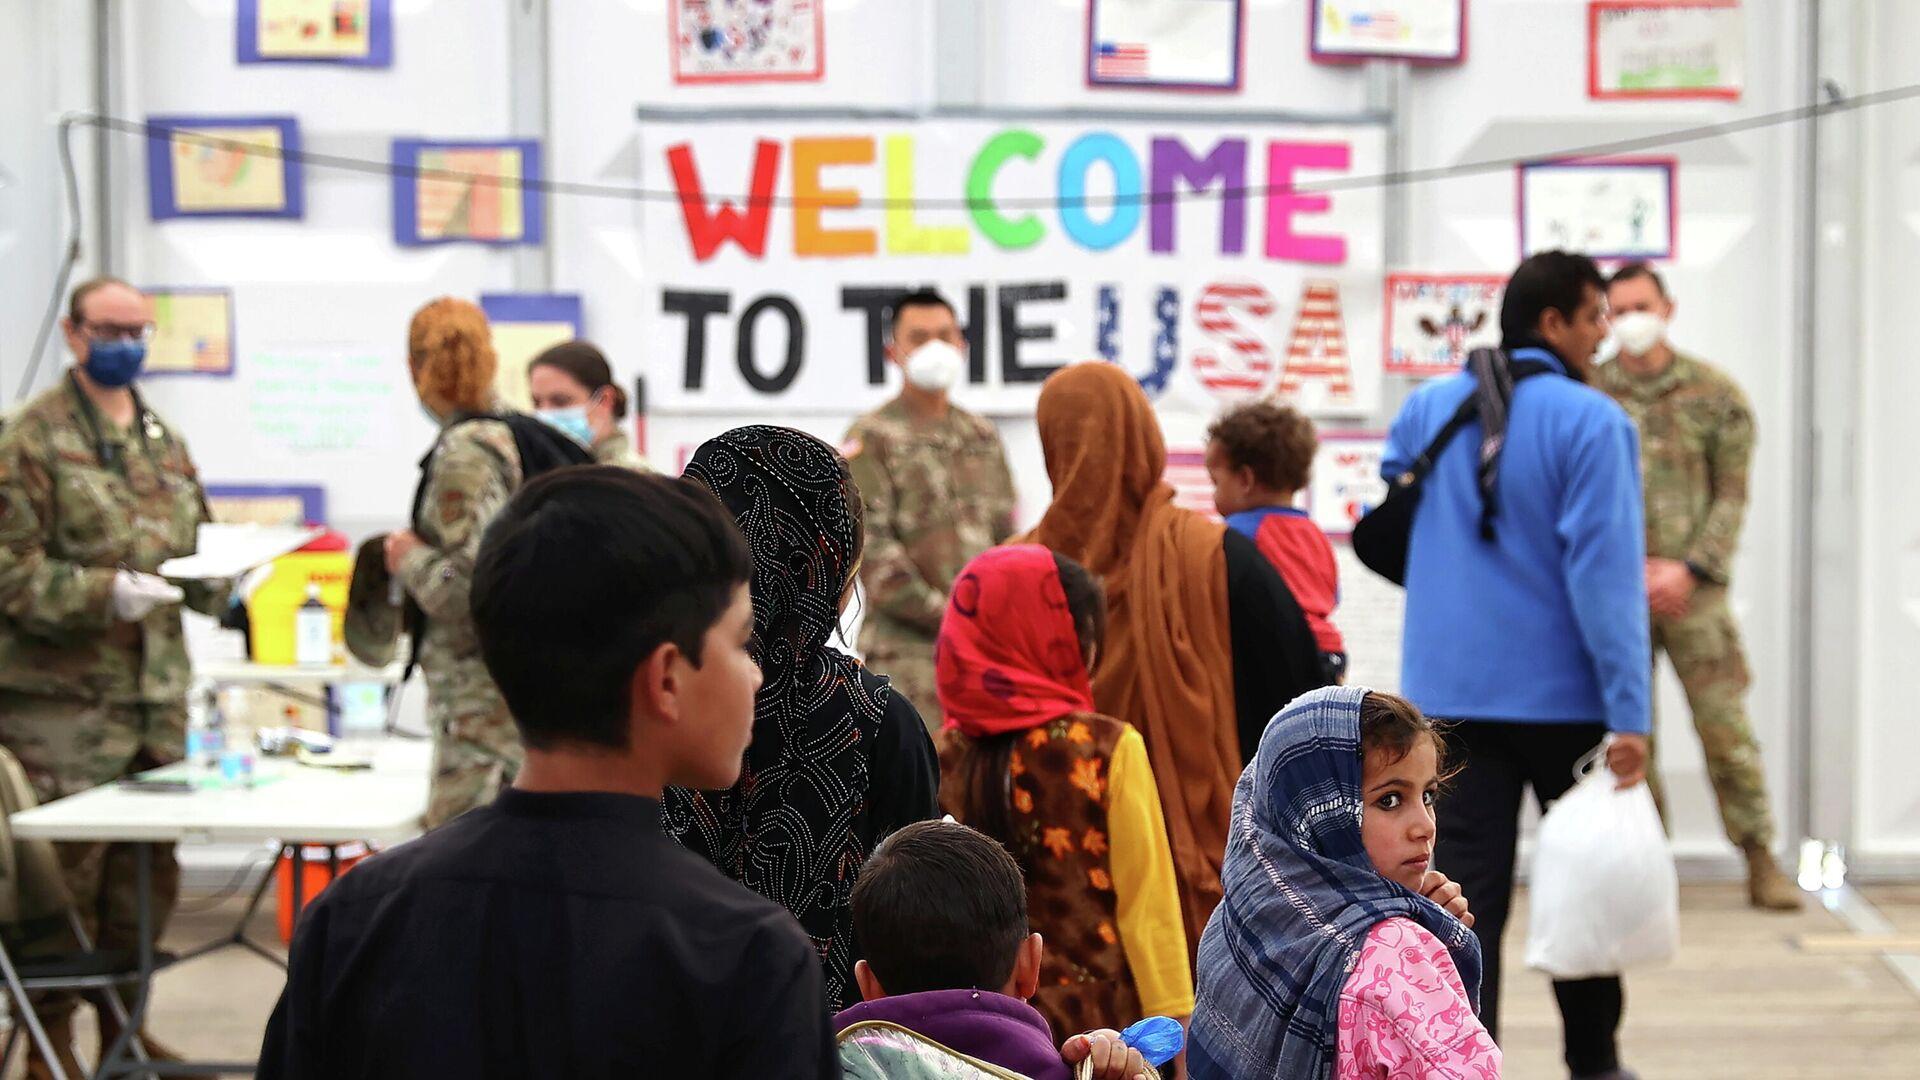 Evakuierte aus Afghanistan versammeln sich am 9. Oktober auf dem US-Luftwaffenstützpunkt Ramstein - SNA, 1920, 10.10.2021